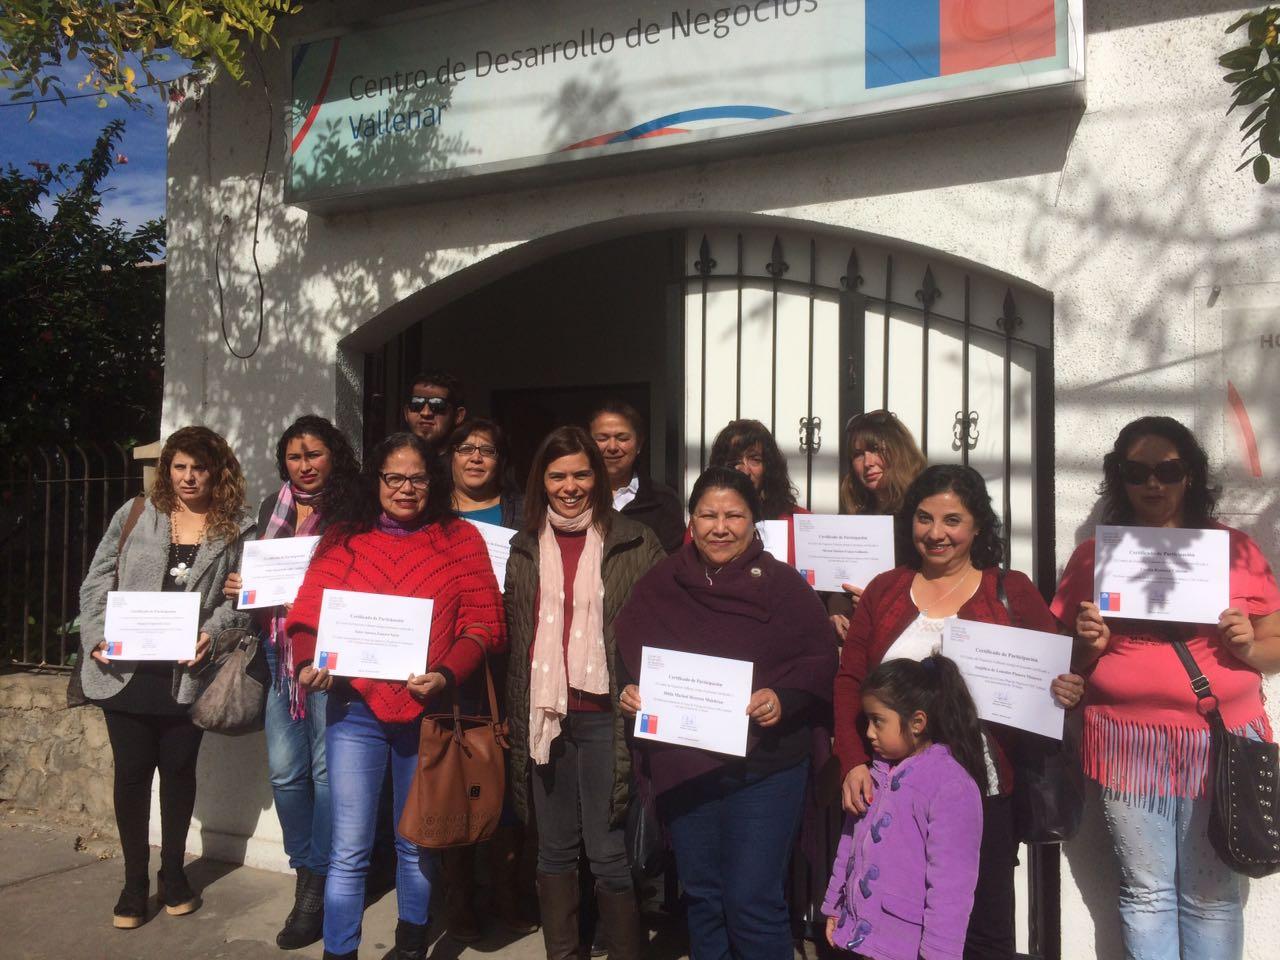 25 emprendedores de Vallenar se capacitaron en contabilidad y administración con el apoyo del Centro de Desarrollo de Negocios